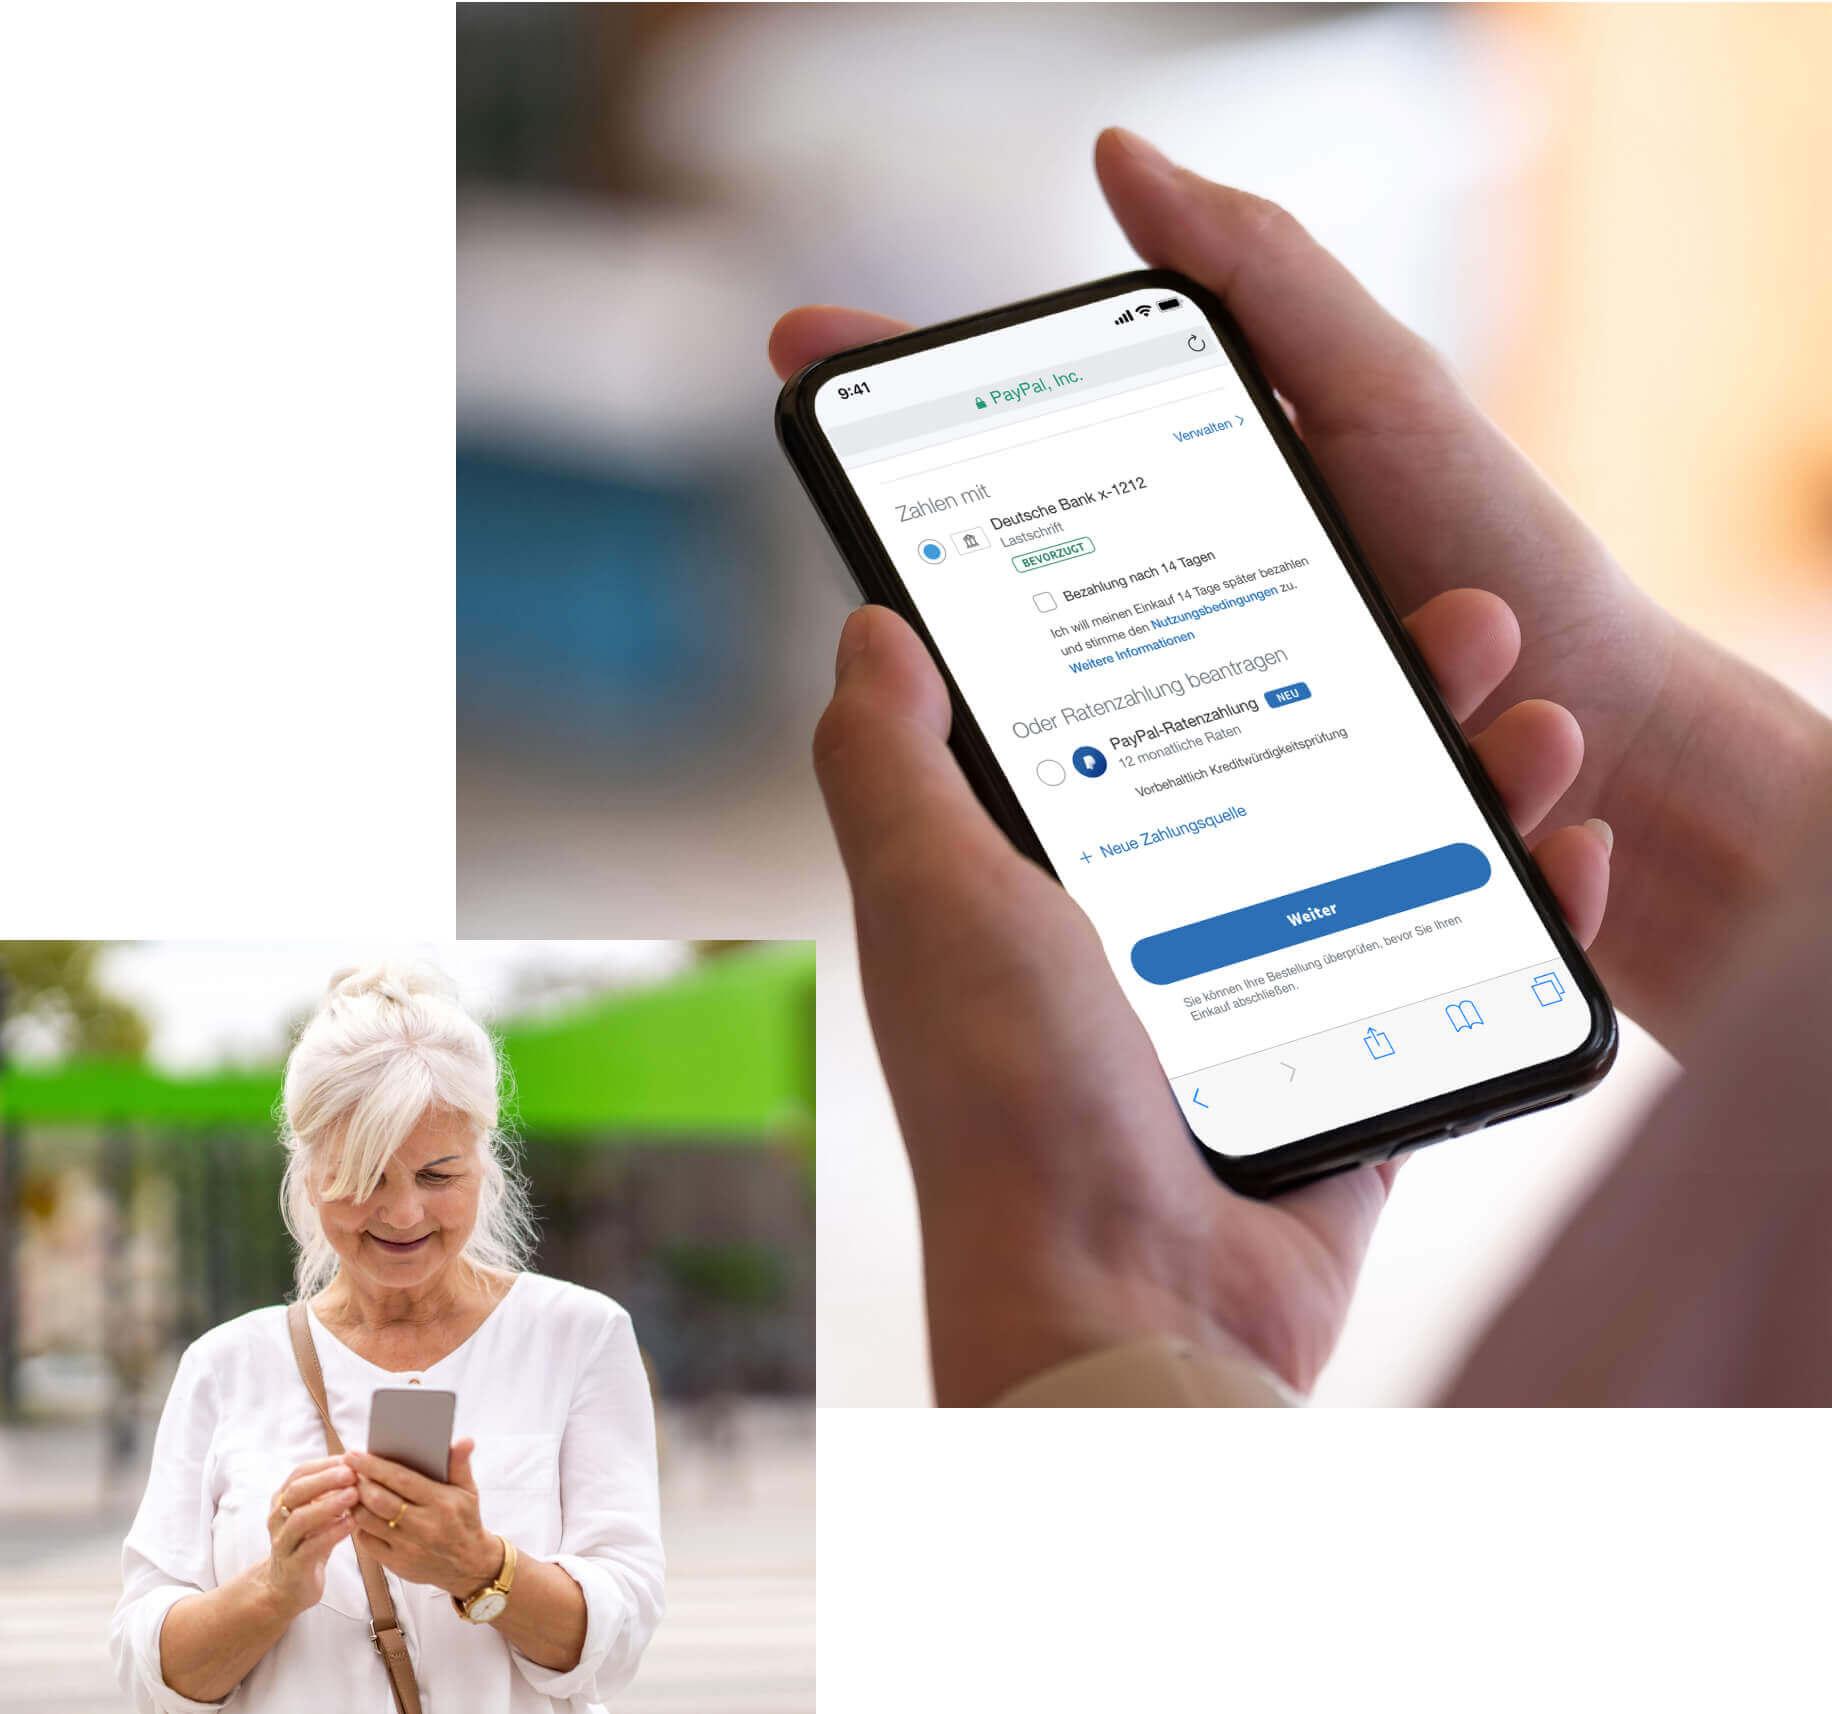 Eine Frau sieht sich die Ratenzahlungsoptionen bei der Bezahlung mit PayPal auf Ihrem Handy an